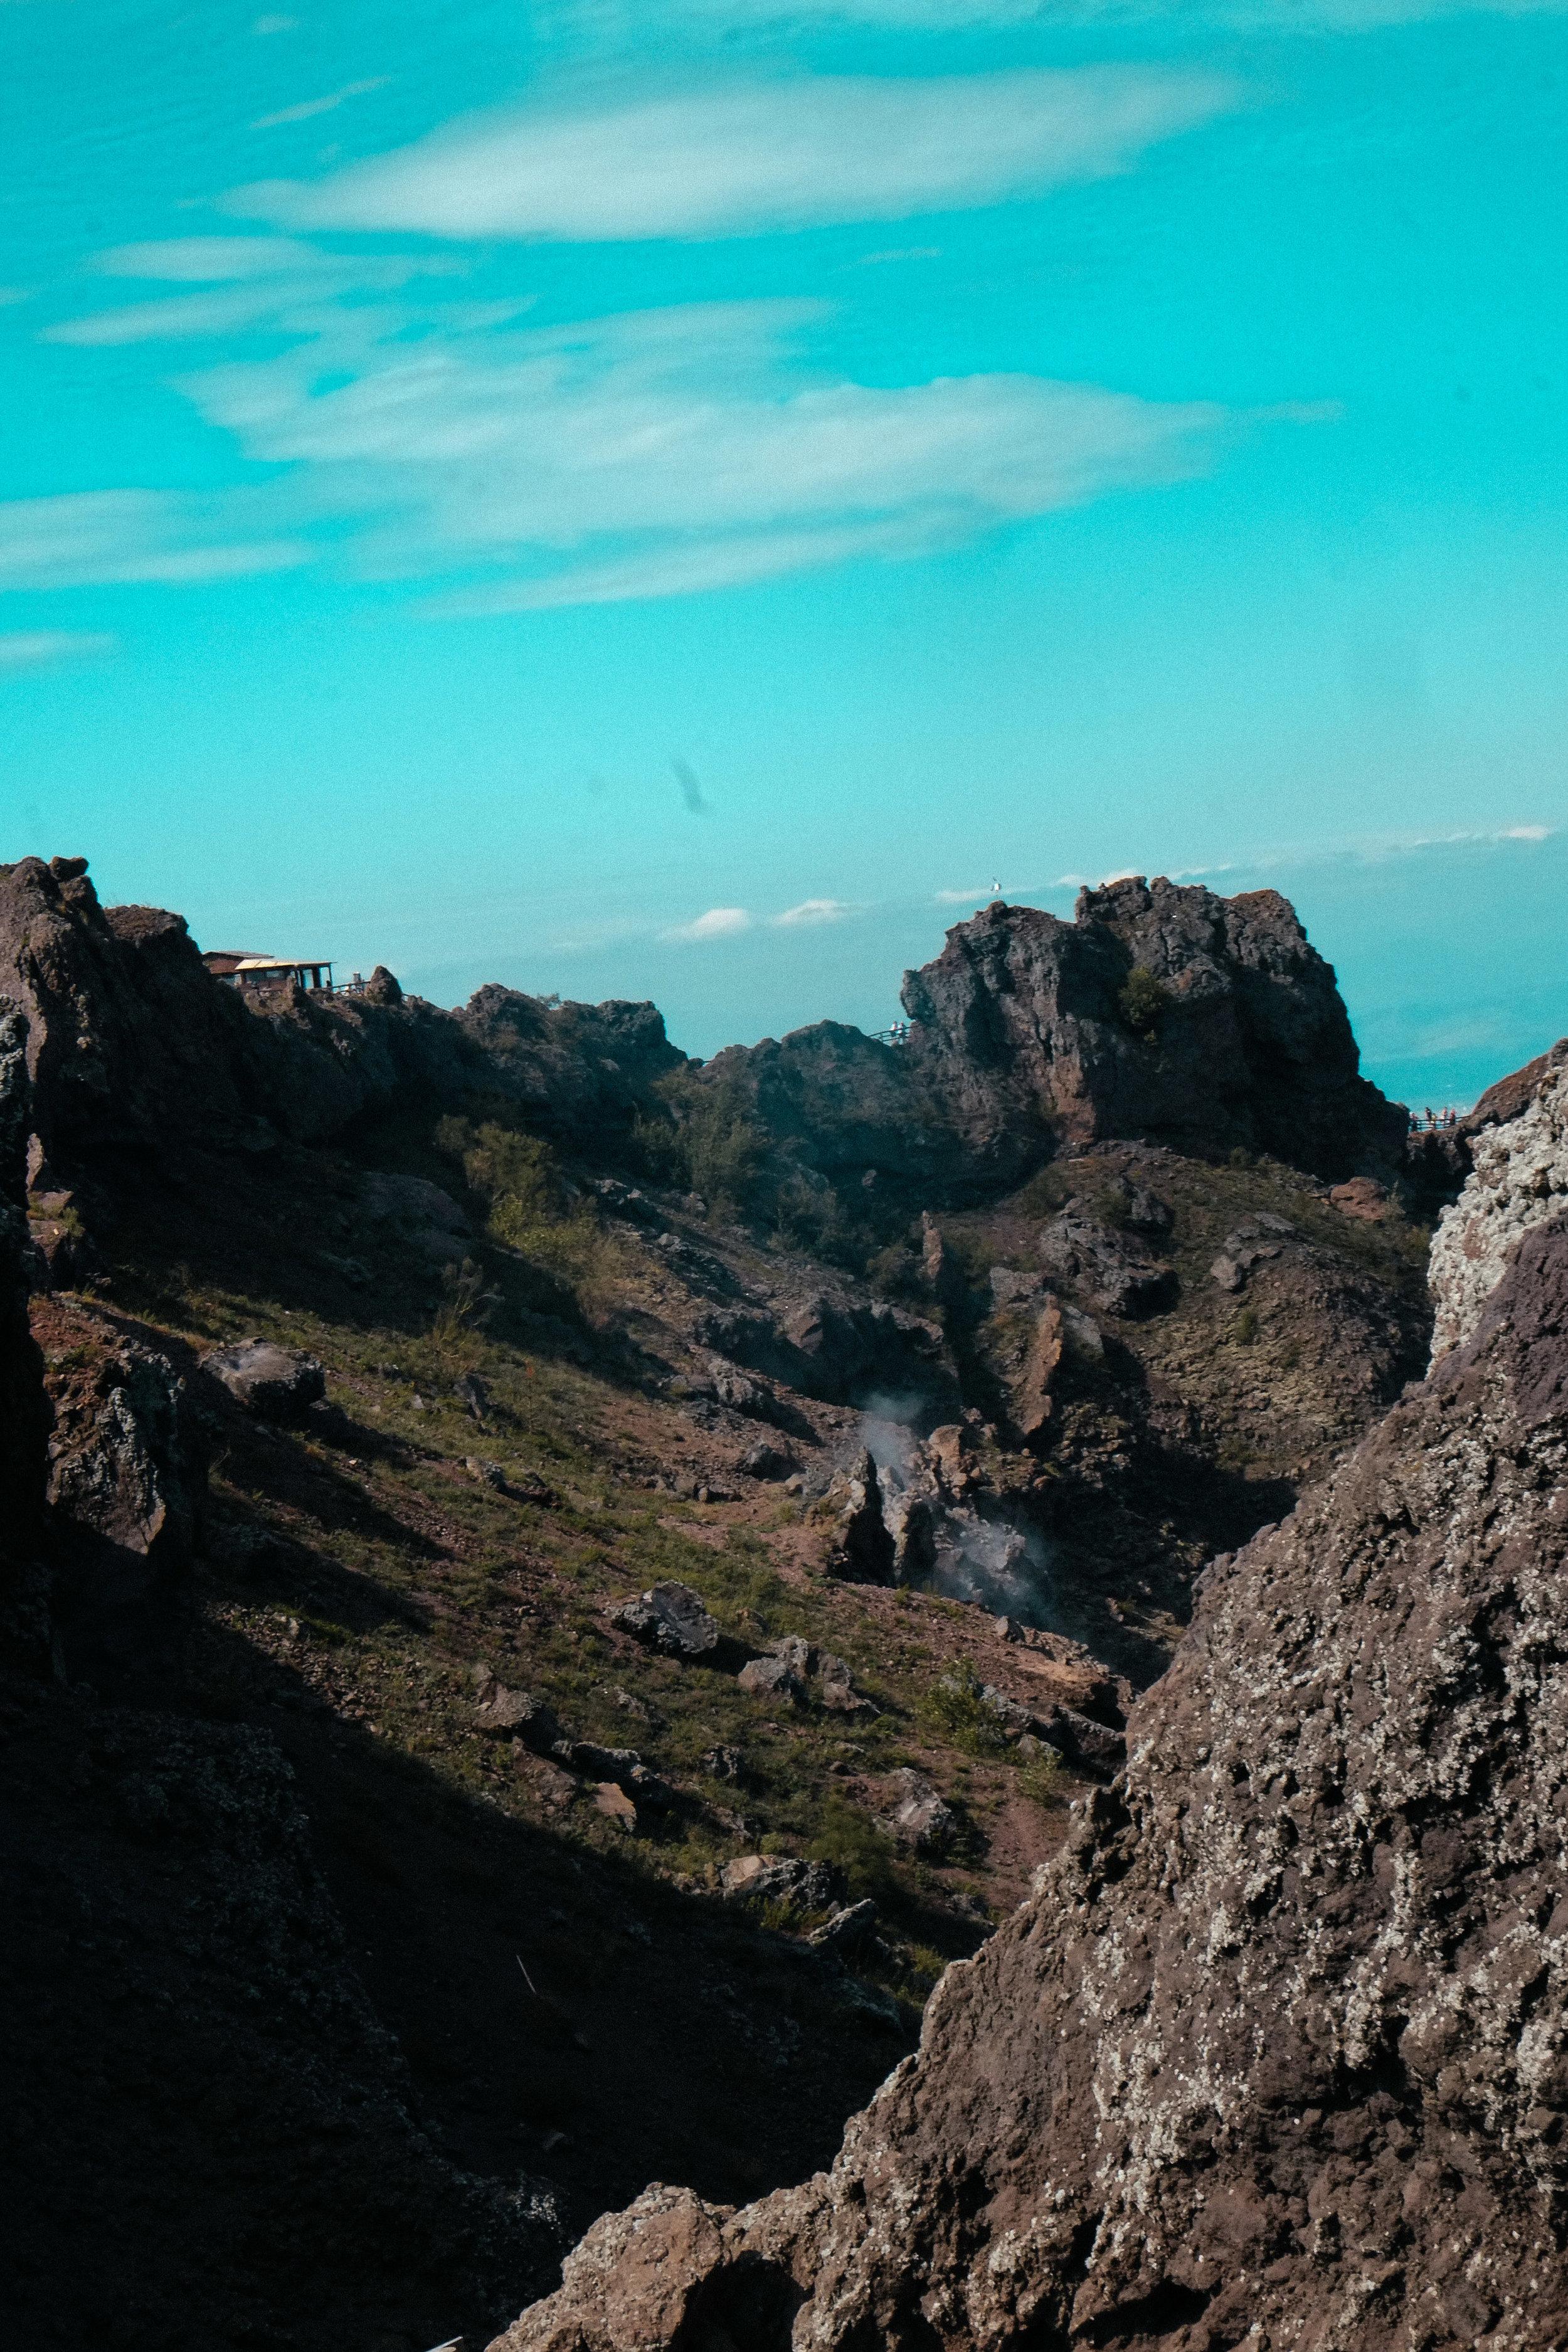 Lesly Lotha_Mount Vesuvius_Italy 15.jpg